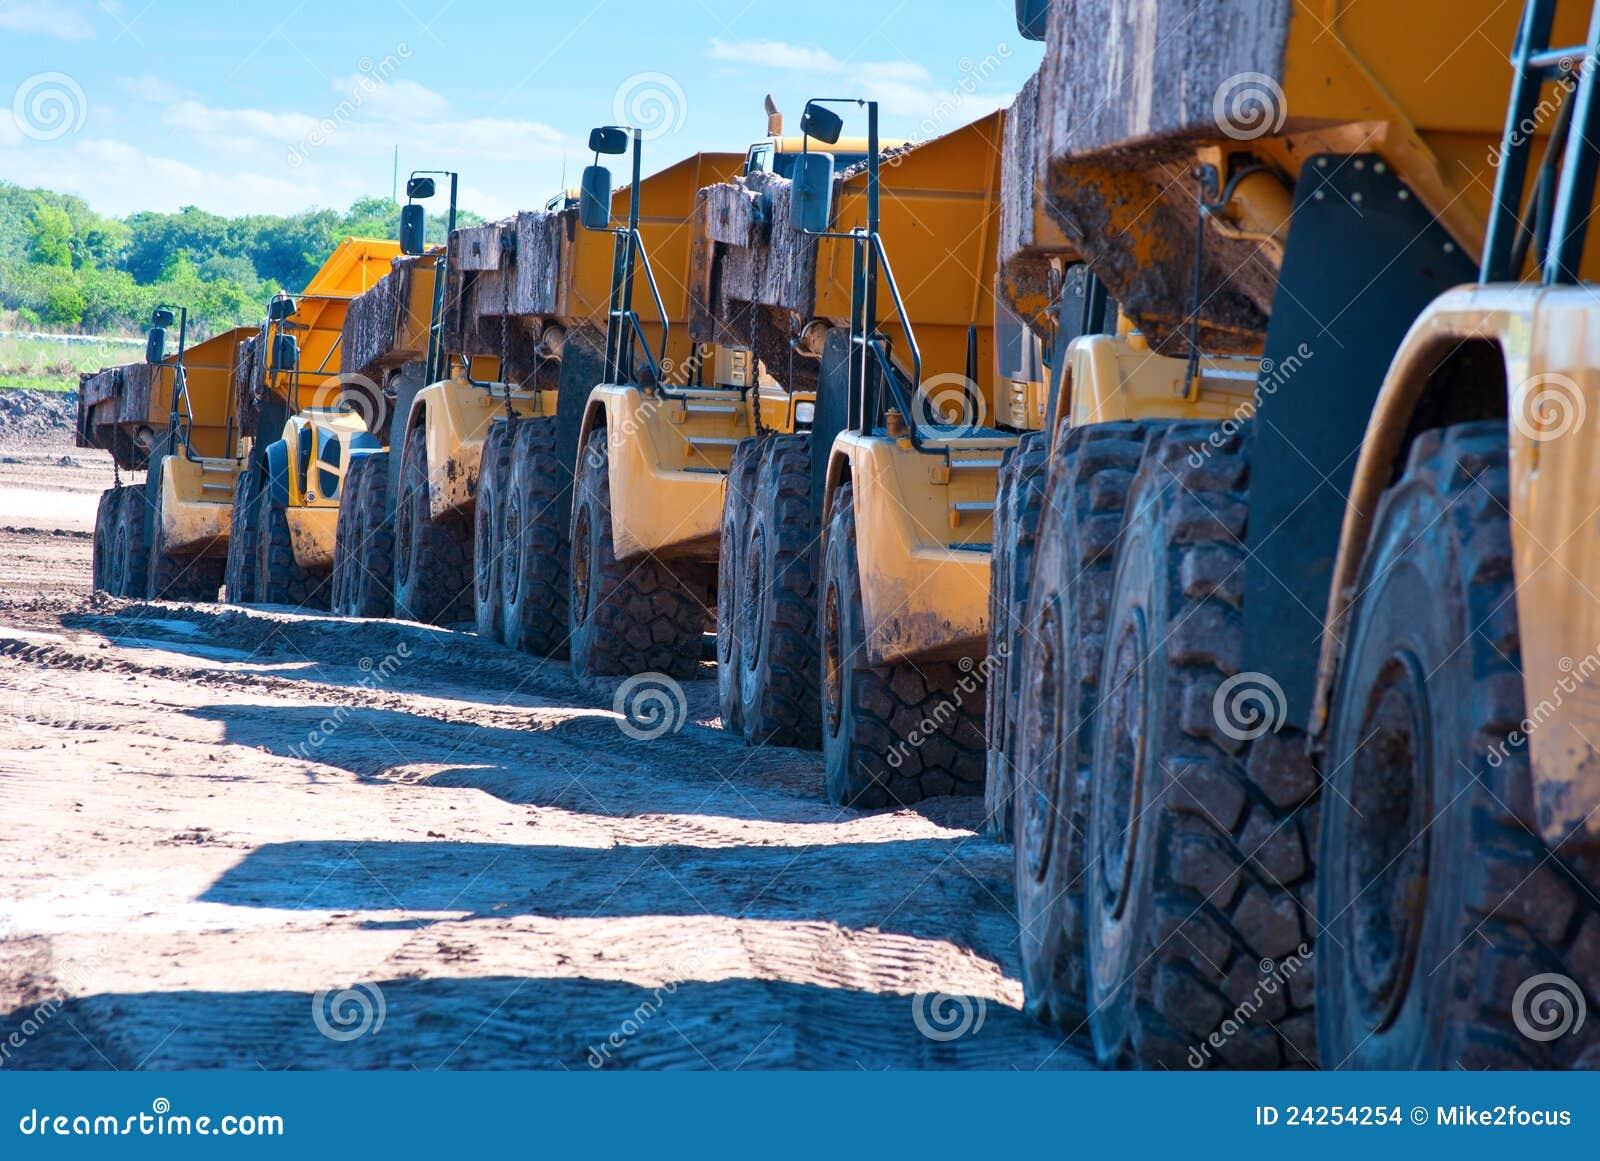 Ligne des camions à benne basculante